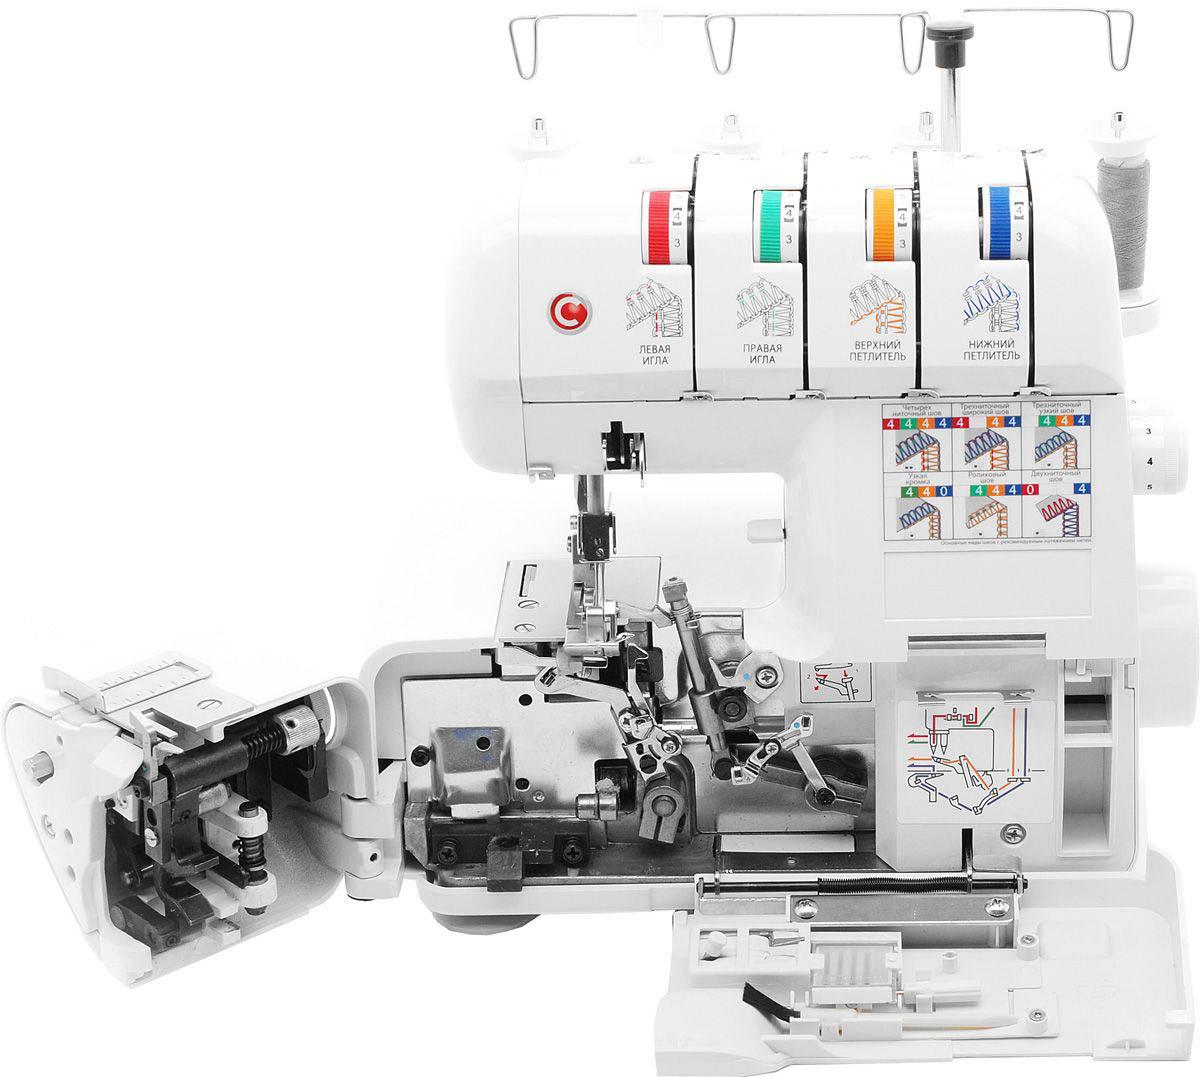 12bf40921580 С помощью регулятора подачи ткани можно настроить амплитуду перемещения  гребенок таким образом, что ткань будет присбариваться при шитье или  наоборот ...